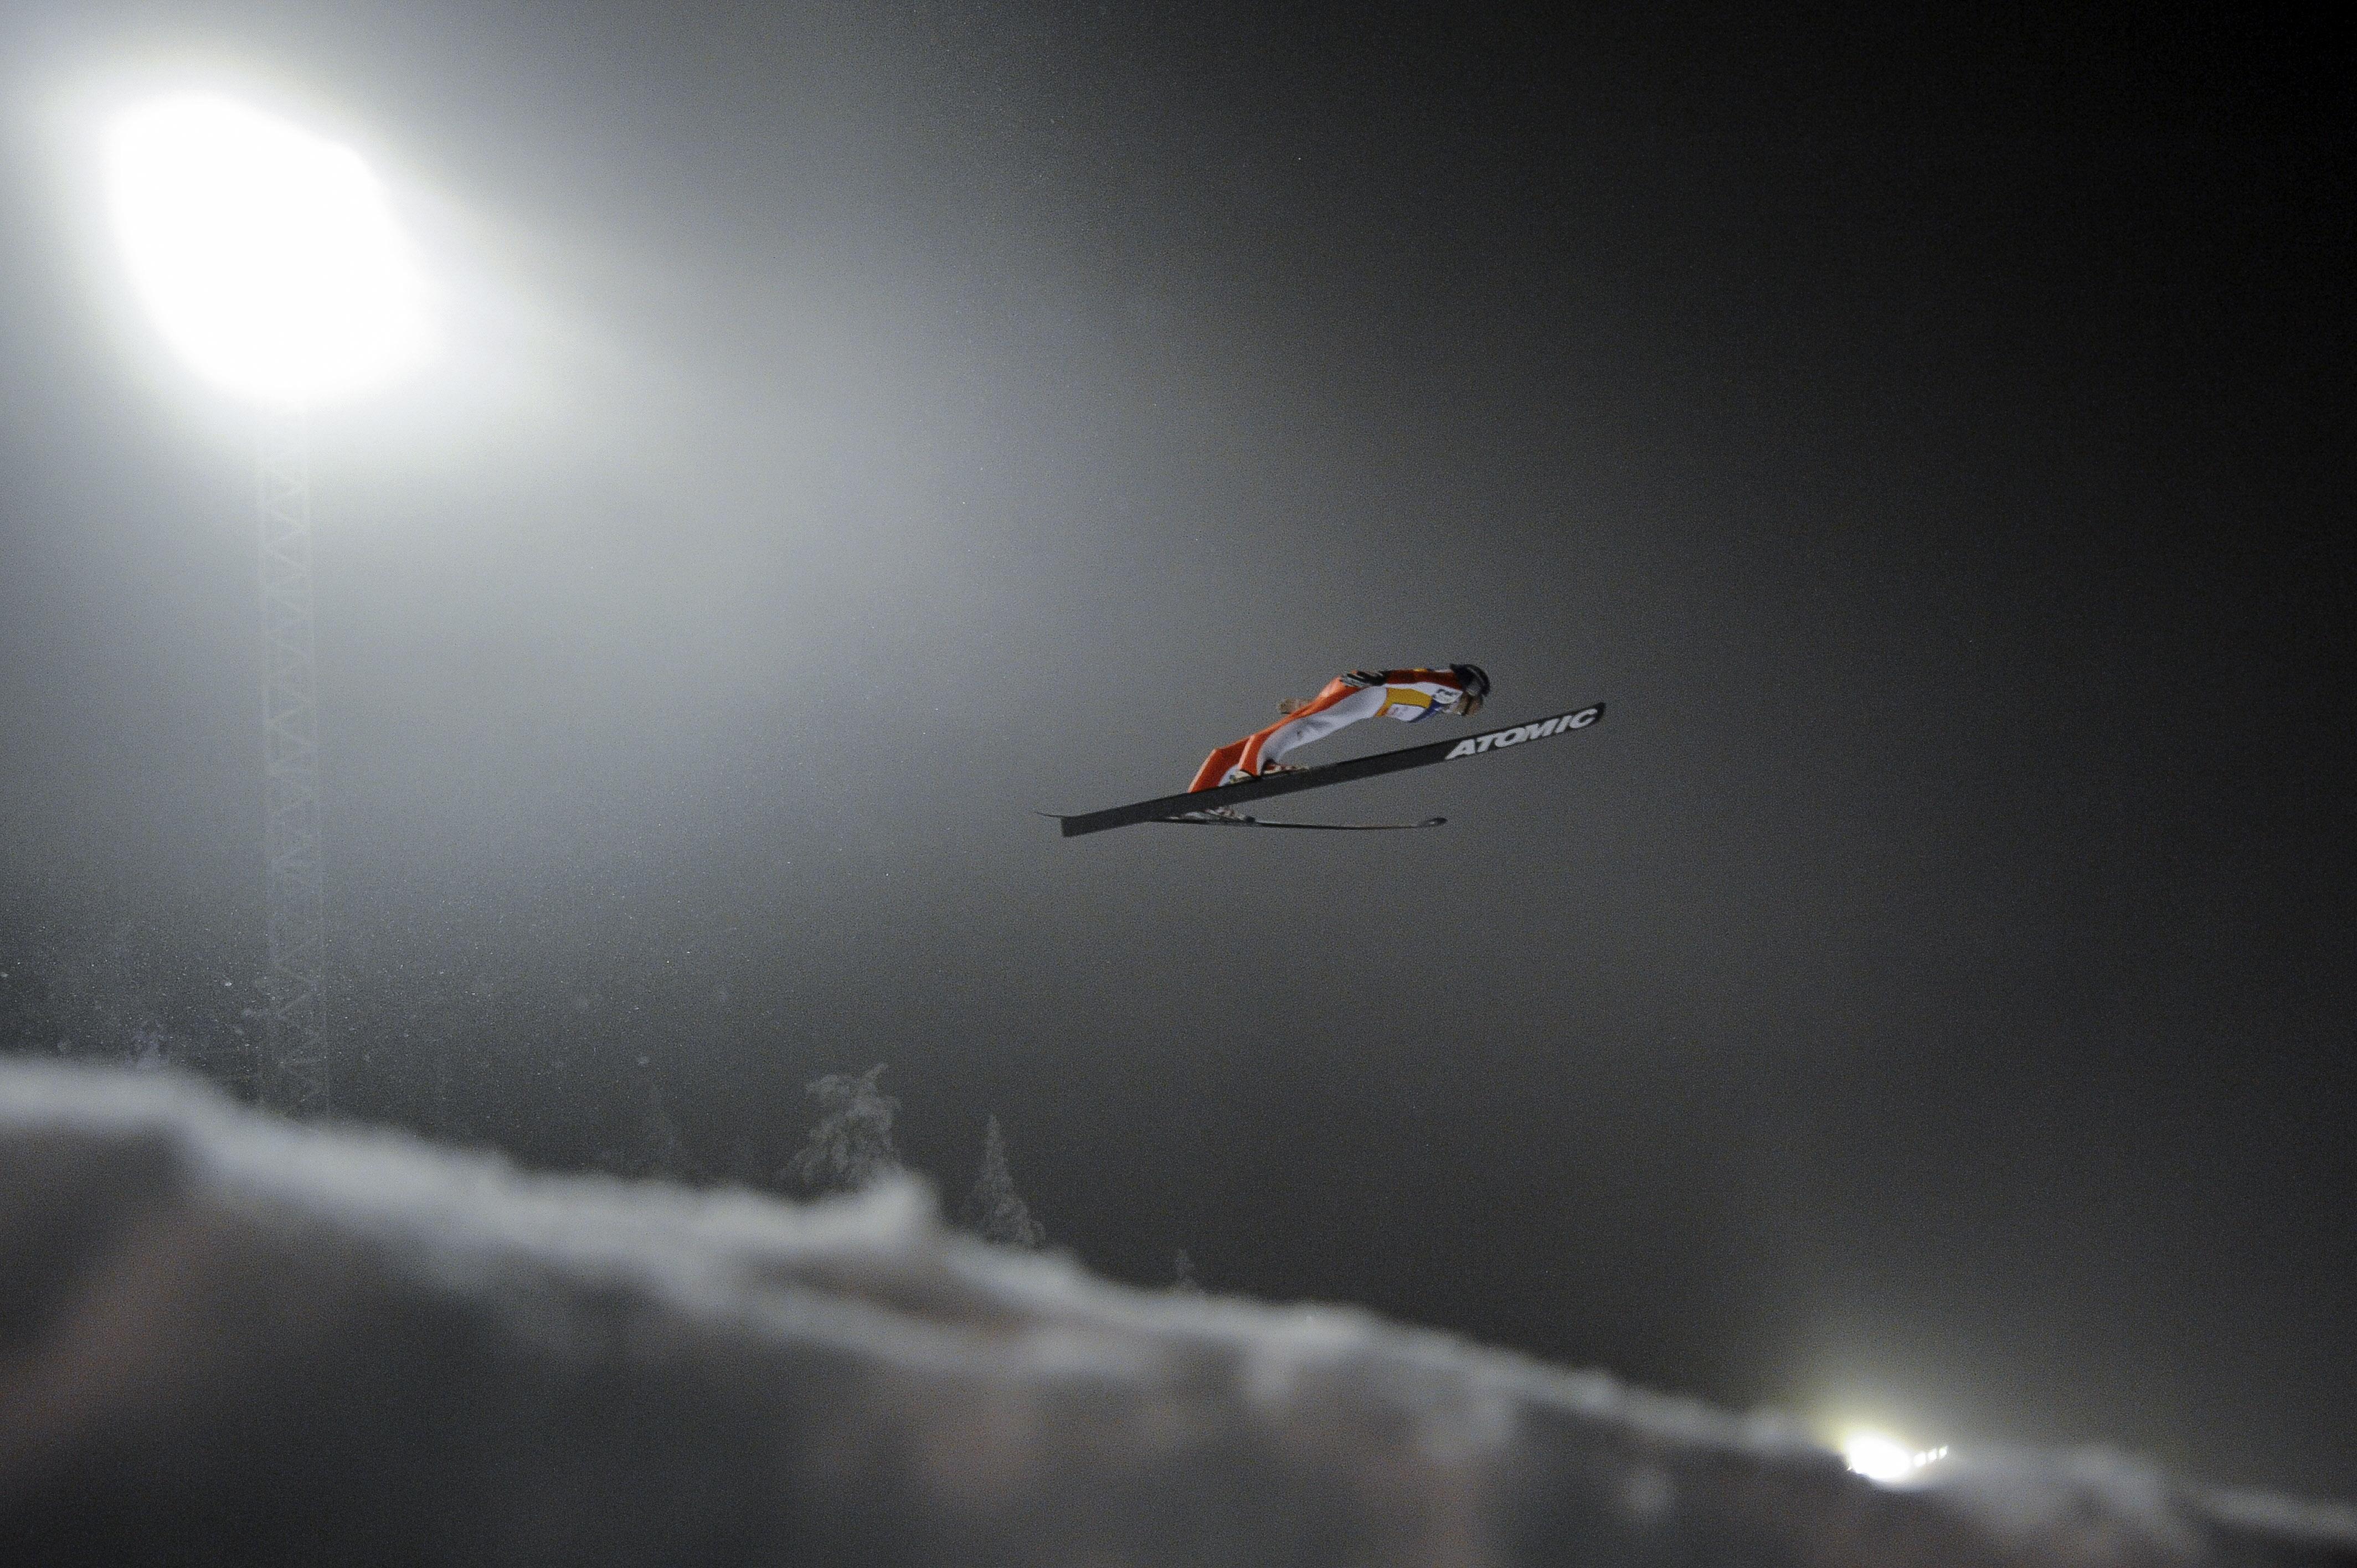 Ski jumping Kuusamo 2008